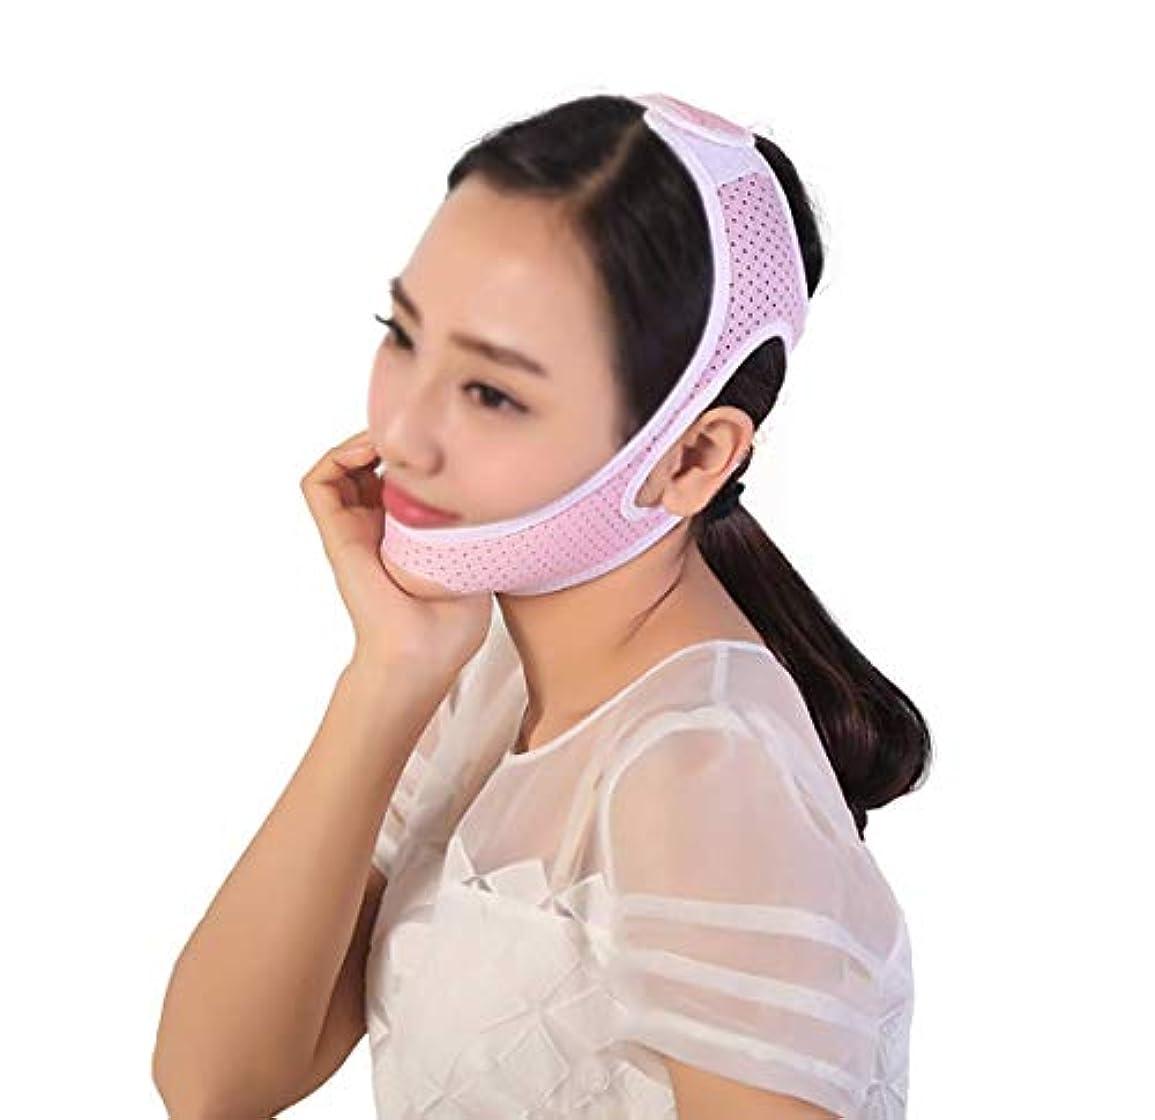 上保守的原子顔用痩身マスク痩身包帯通気性フェイシャルダブルチンケア減量フェイスベルト(サイズ:M)